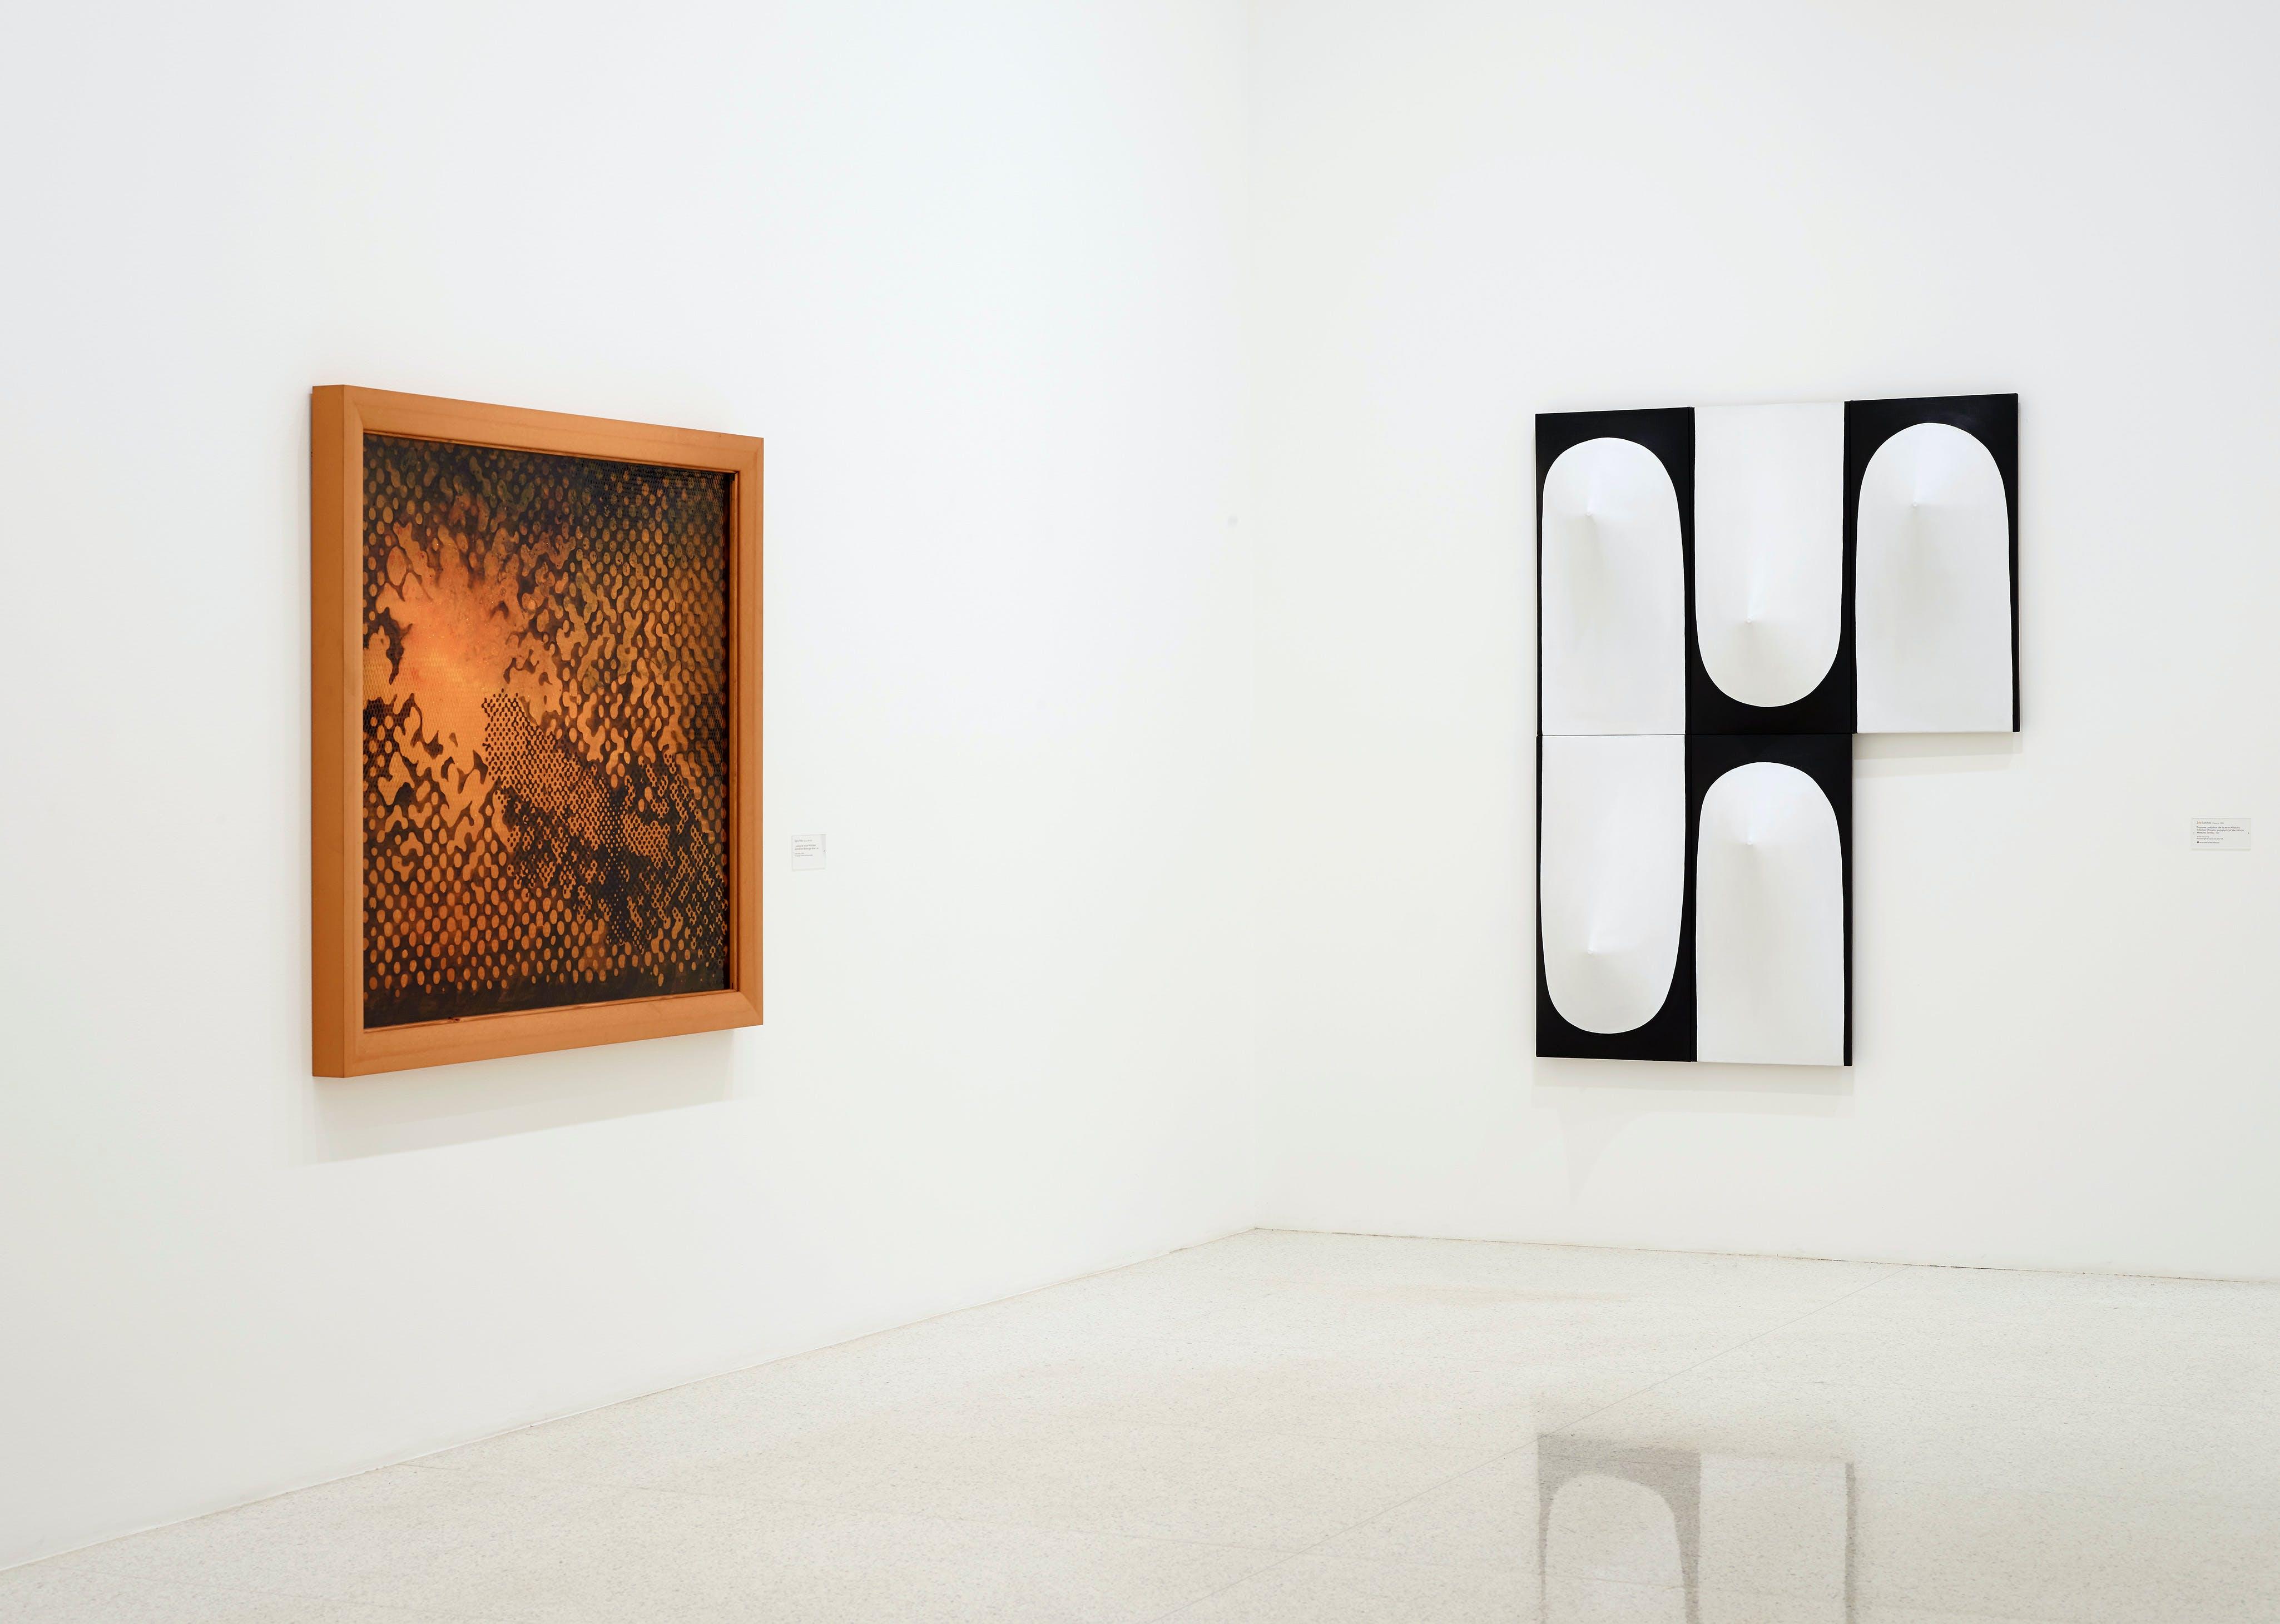 View of the exhibition 75 Gifts for 75 Years, 2015; (left to right): Sigmar Polke, ...solange die mit der Wirklichkeit verbindenden Beziehungen fehlen, 1998; Zilia Sánchez, Troyanas, políptico (de la serie Módulos Infinitos) [Trojans, polyptych (of the Infinite Modules series)], 1967